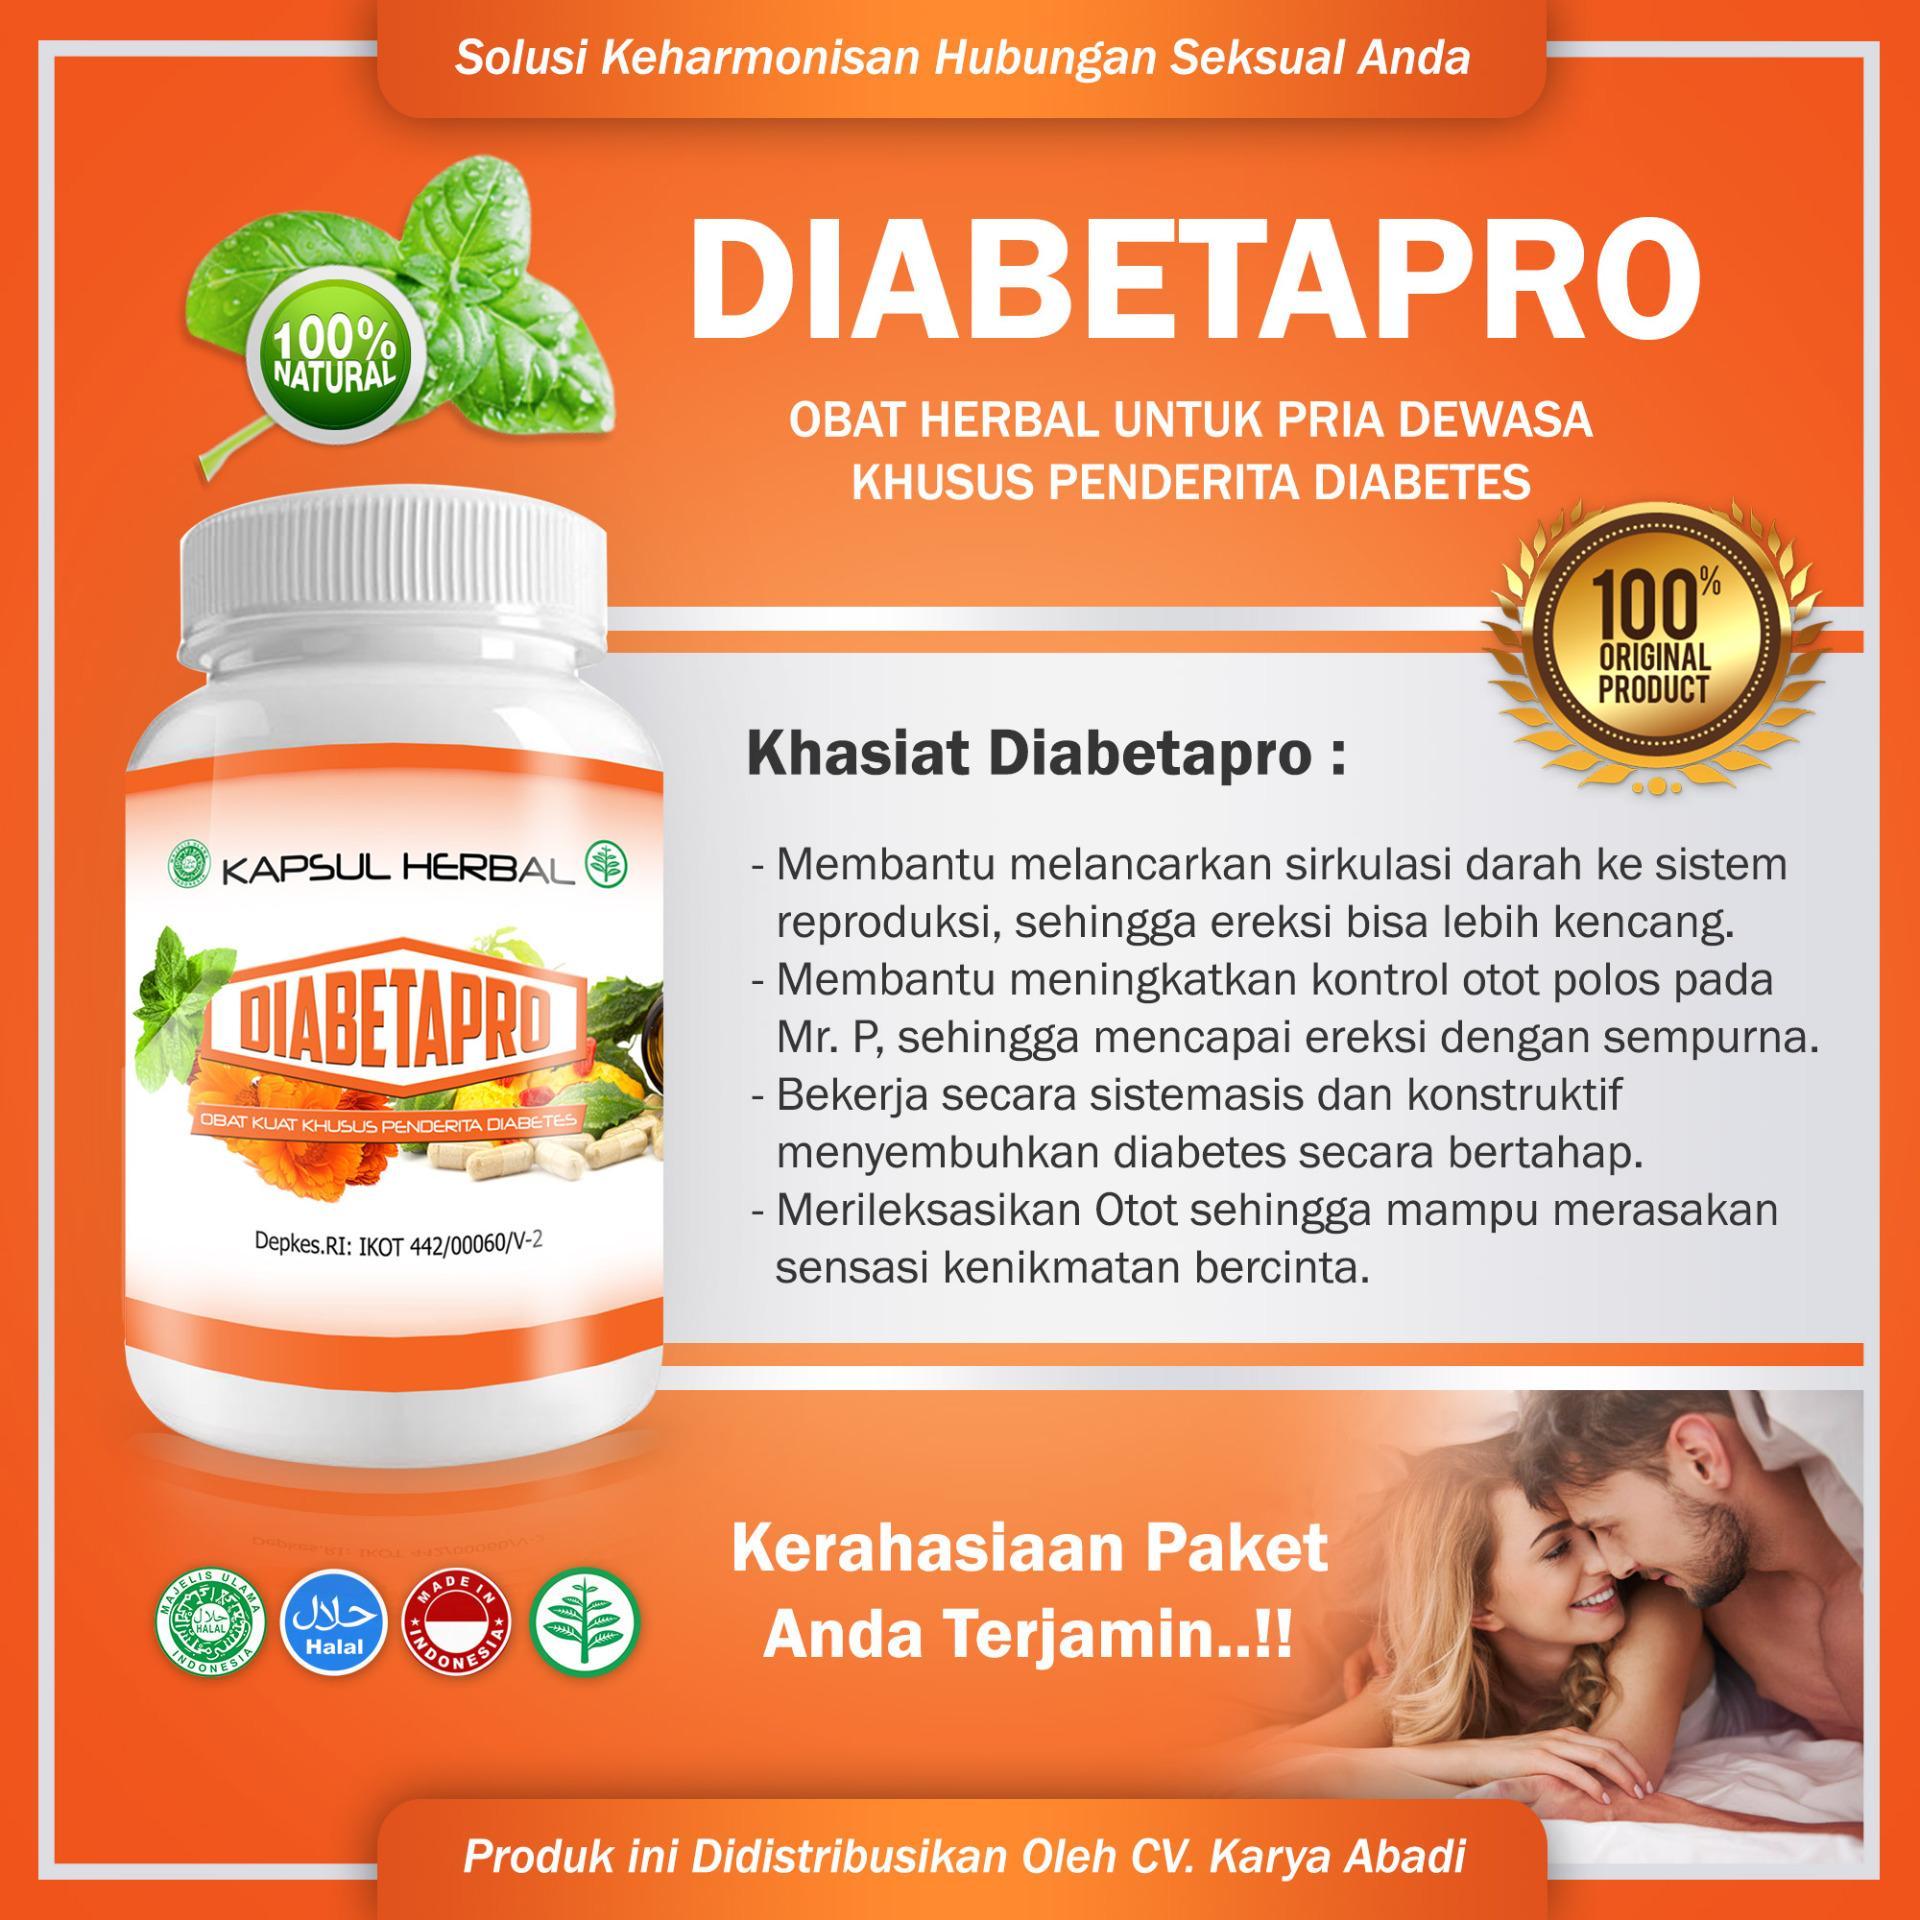 Pencarian Termurah Herbal Kuat Atasi Gangguan Syahwat Lemah Akibat Diabetes Kencing Manis - Diabetapro harga penawaran - Hanya Rp155.358